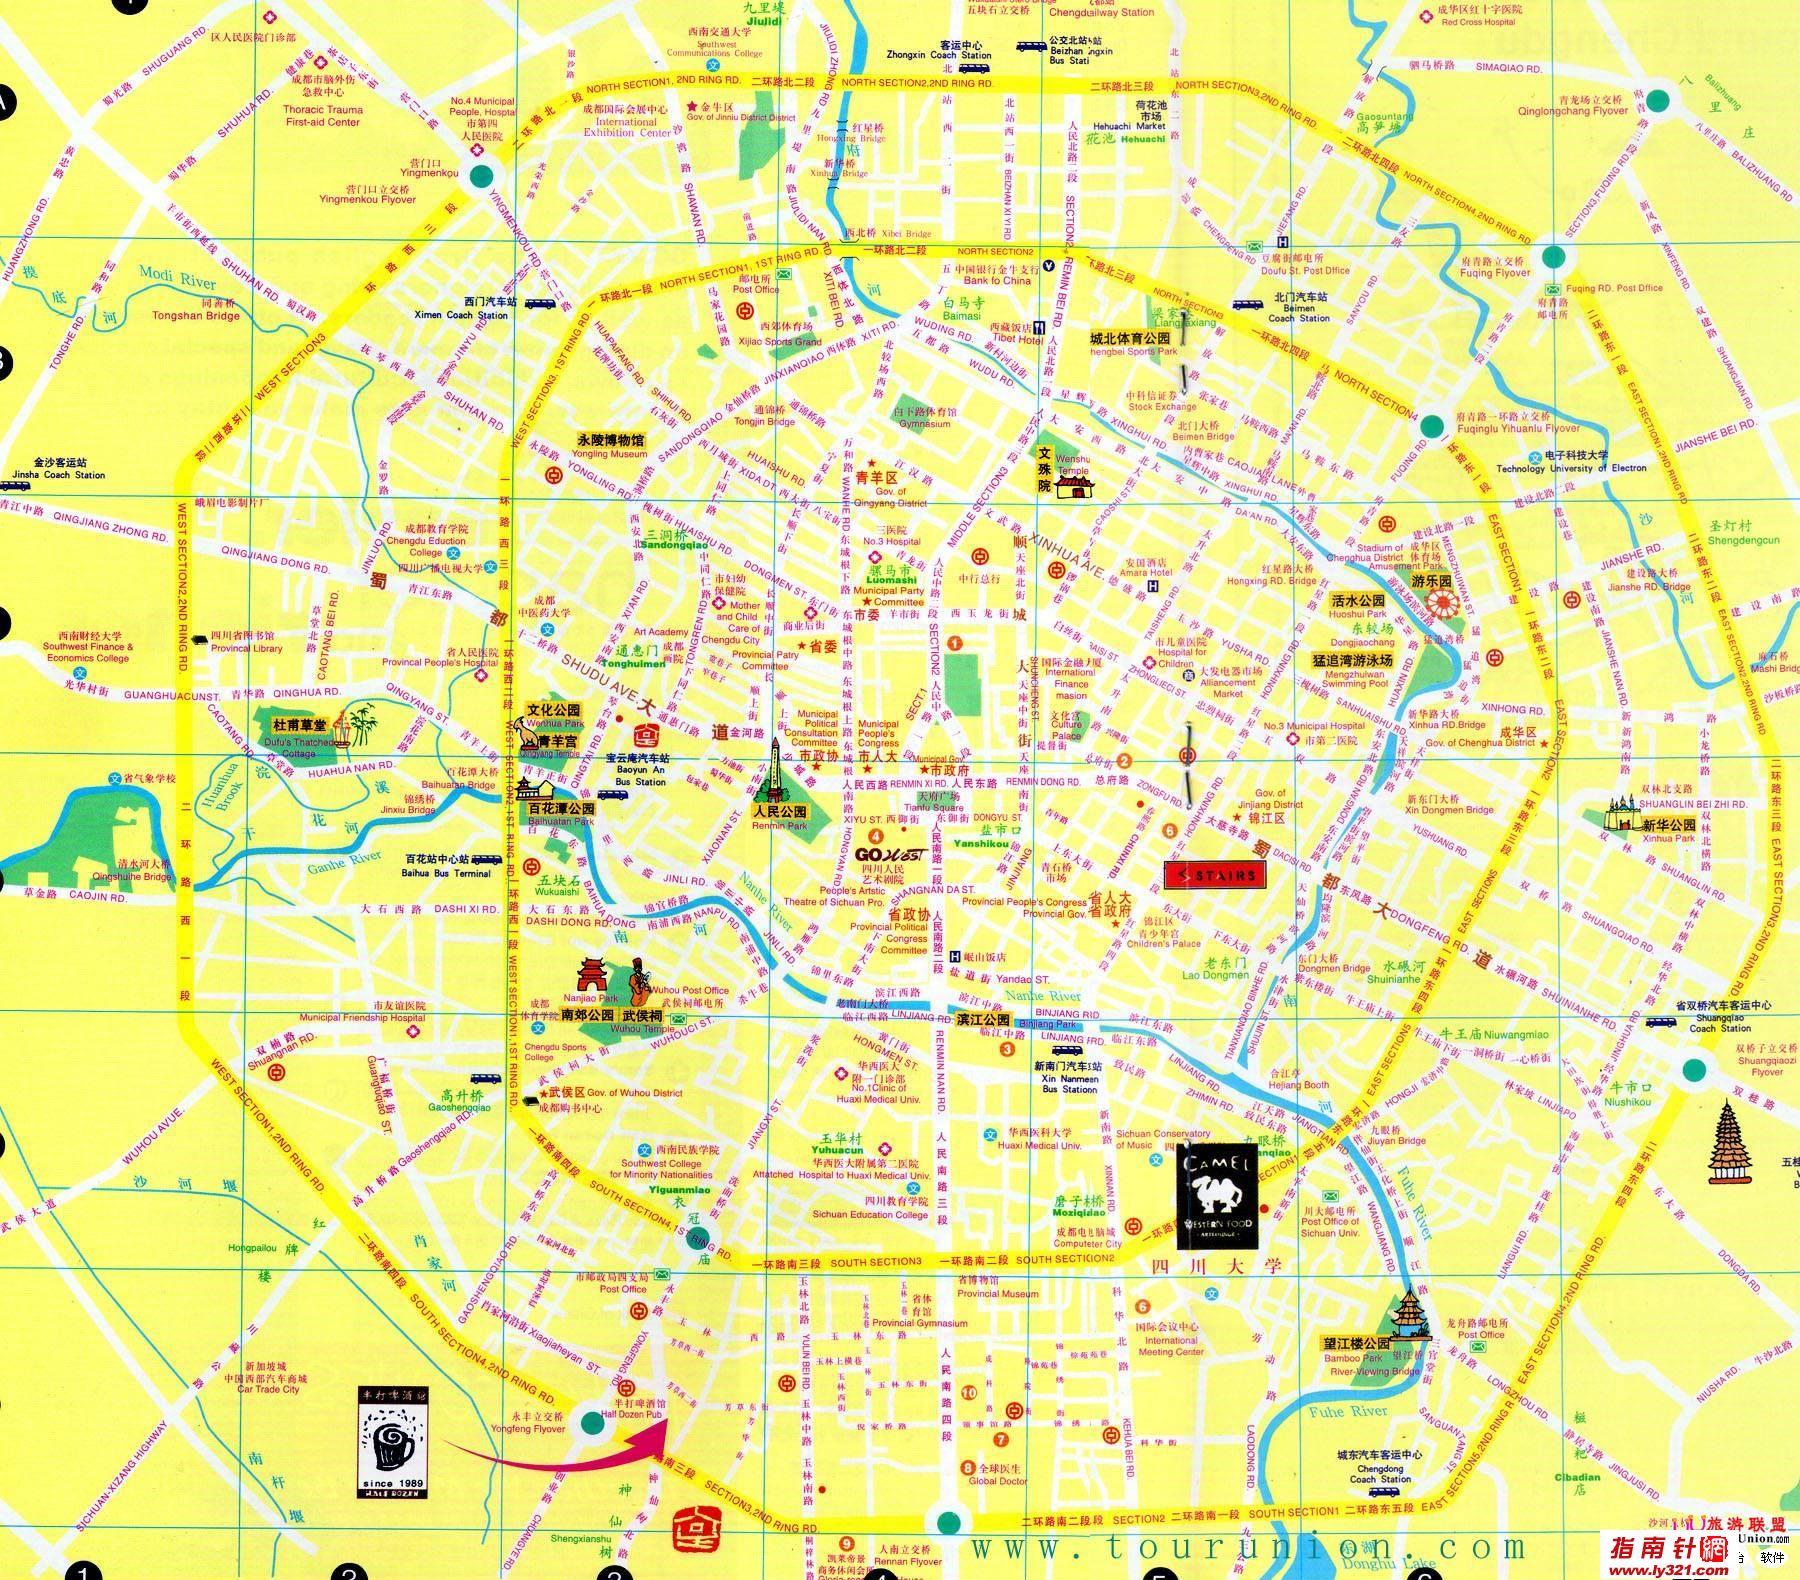 四川成都中英文地图图片